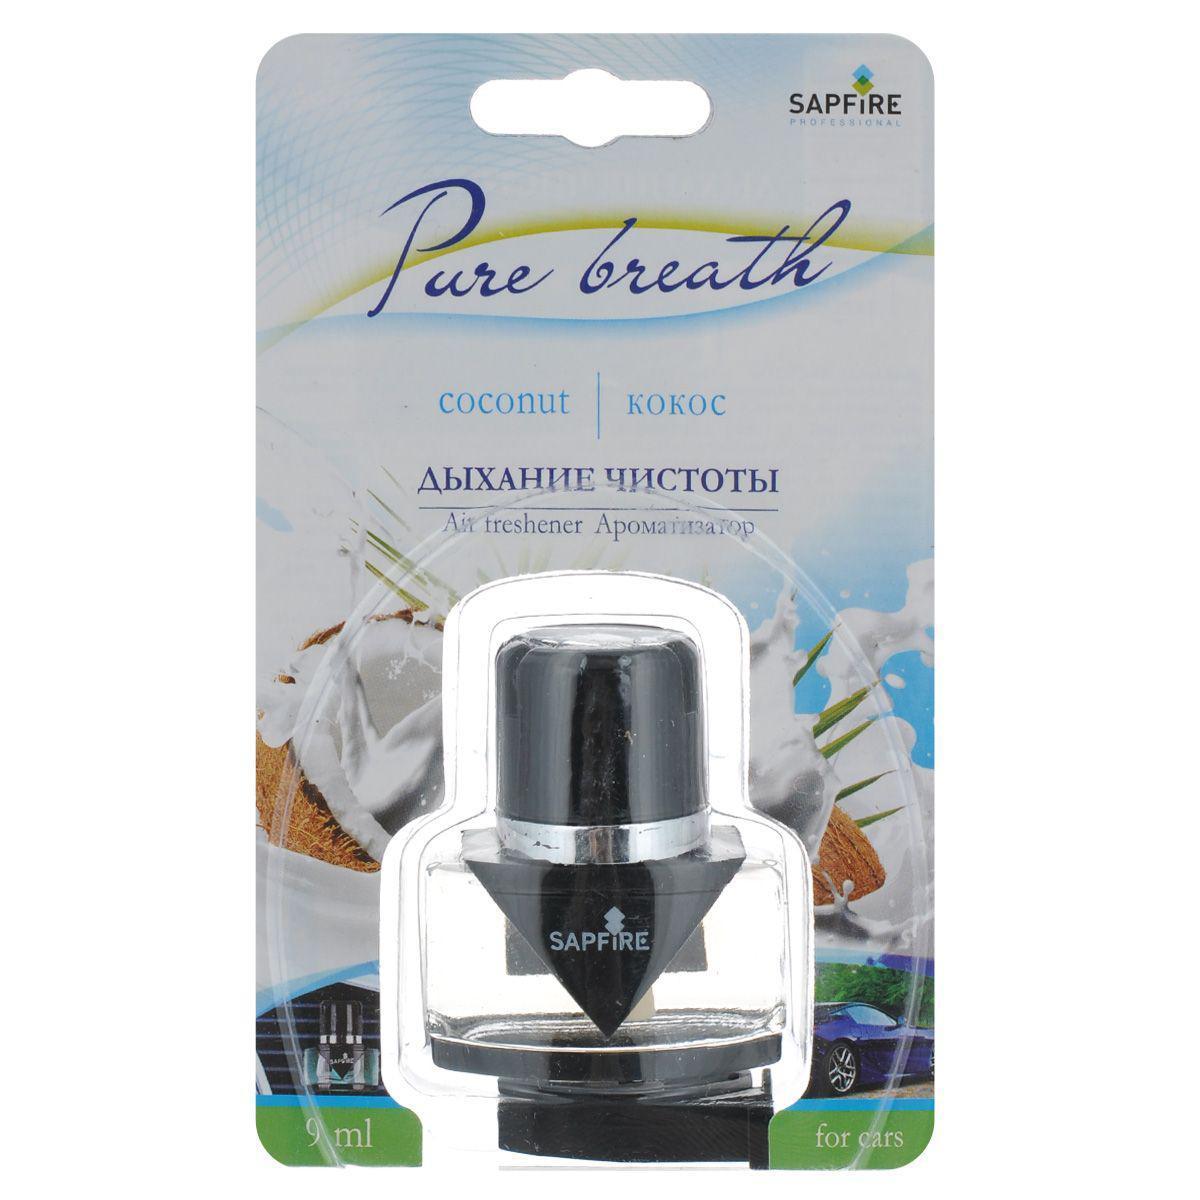 Ароматизатор в дефлектор Sapfire Pure Breath, кокос20012-SATАвтомобильный ароматизатор Sapfire Pure Breath имеет приятный аромат кокоса. Ароматизатор выполнен из пластика и вставляется в дефлектор машины.Pure Breath - новое поколение концентрированных ароматизаторов. Парфюмерная композиция произведена в Японии. Обеспечивает стойкий насыщенный аромат и свежий запах.Состав: пластик, парфюмерная композиция высокой концентрации, стабилизатор. Размер ароматизатора: 5,5 см х 4,5 см х 3 см.